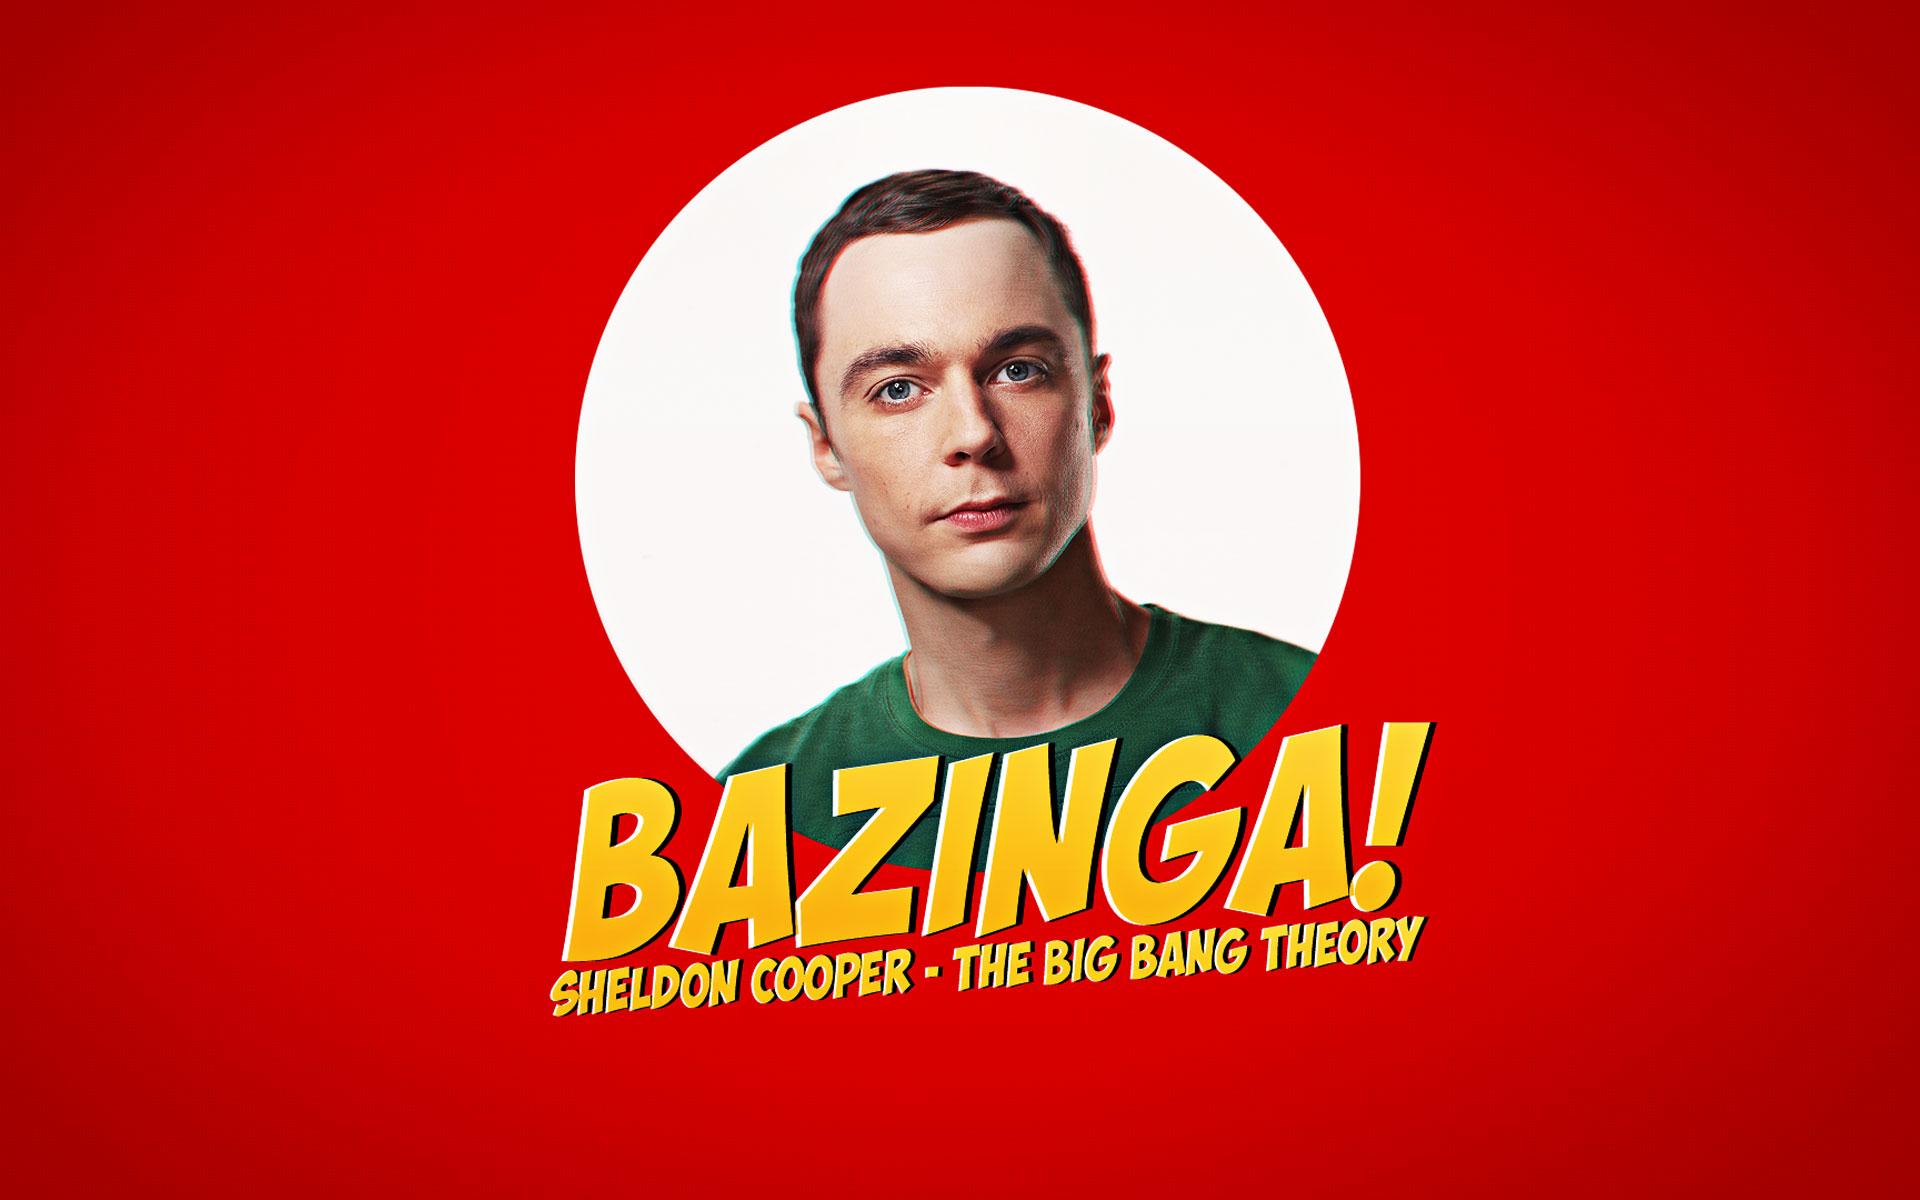 """The Big Bang Theory: ¿por qué """"Bazinga"""" significa """"Zas en toda la boca""""?"""